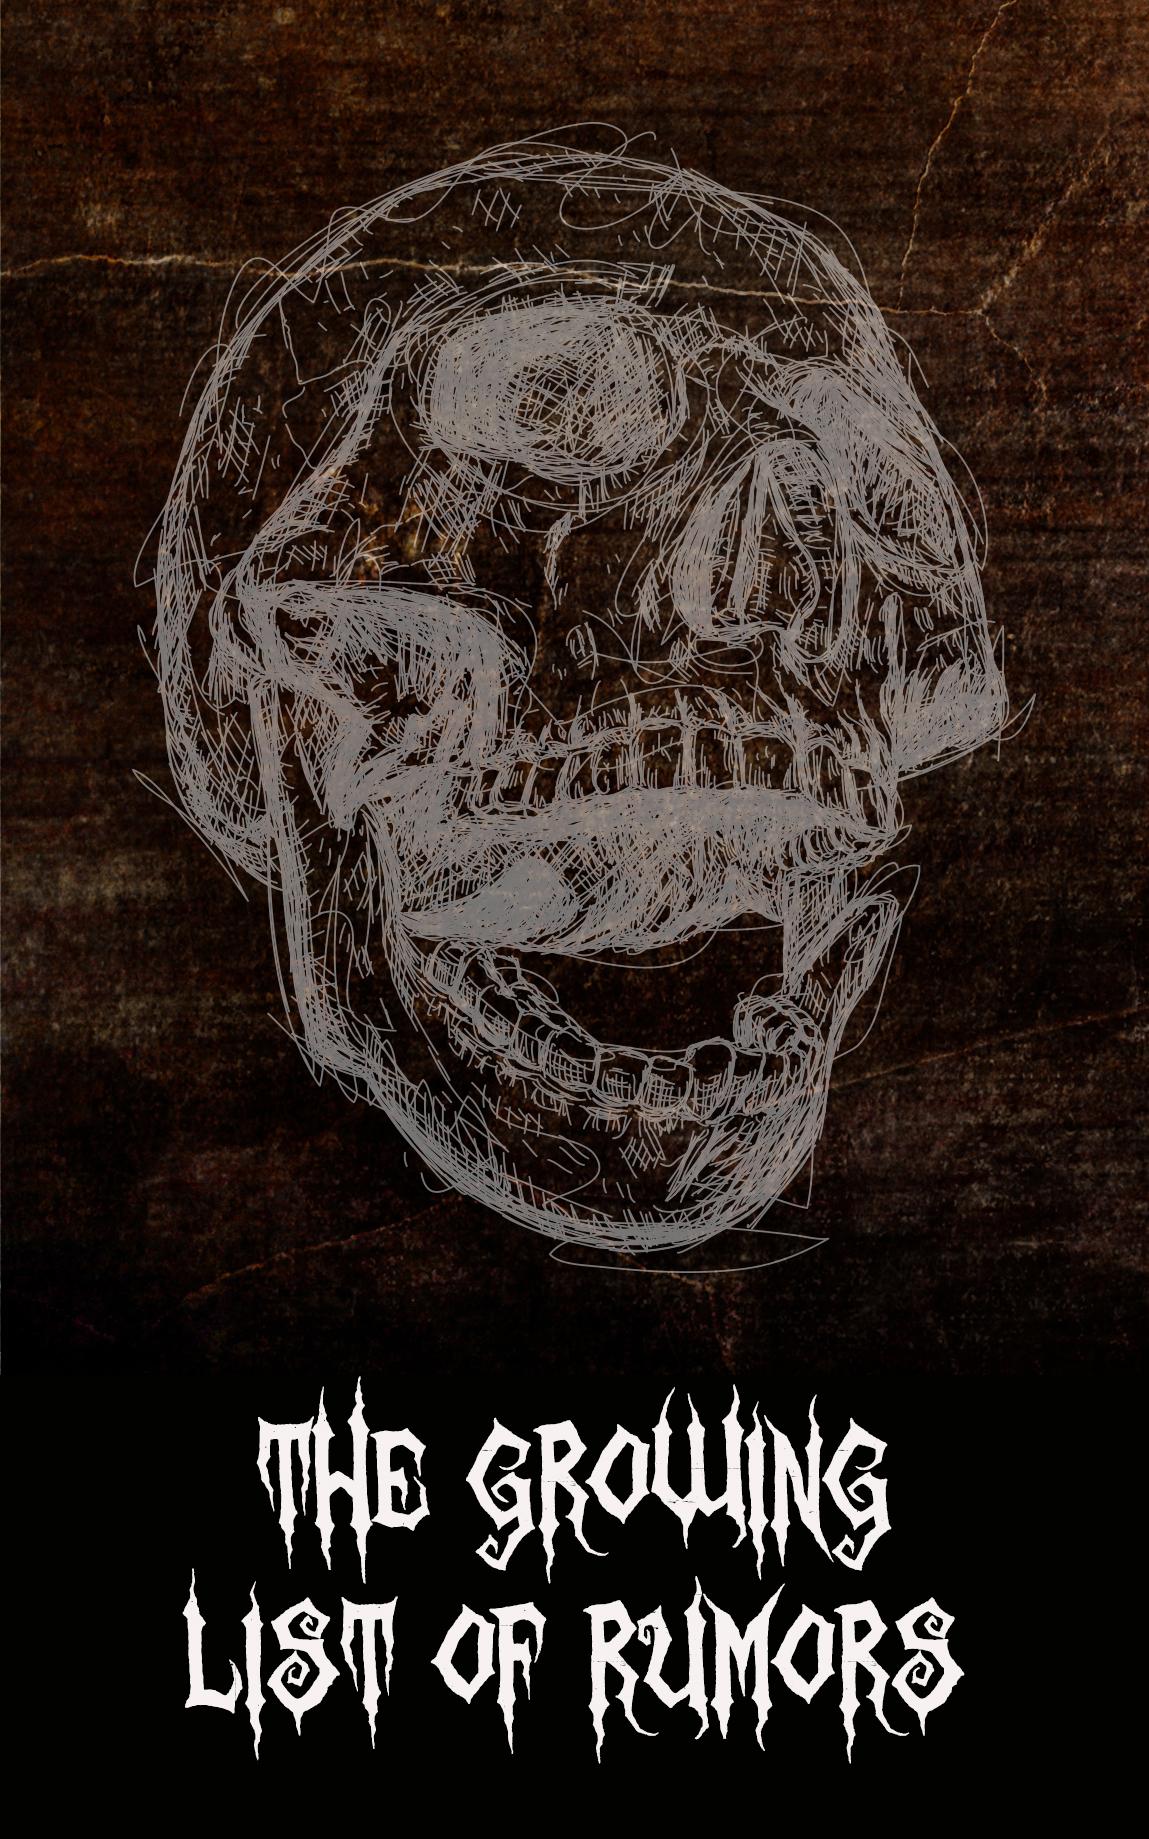 Downfall 2016 skull Rumors.jpg